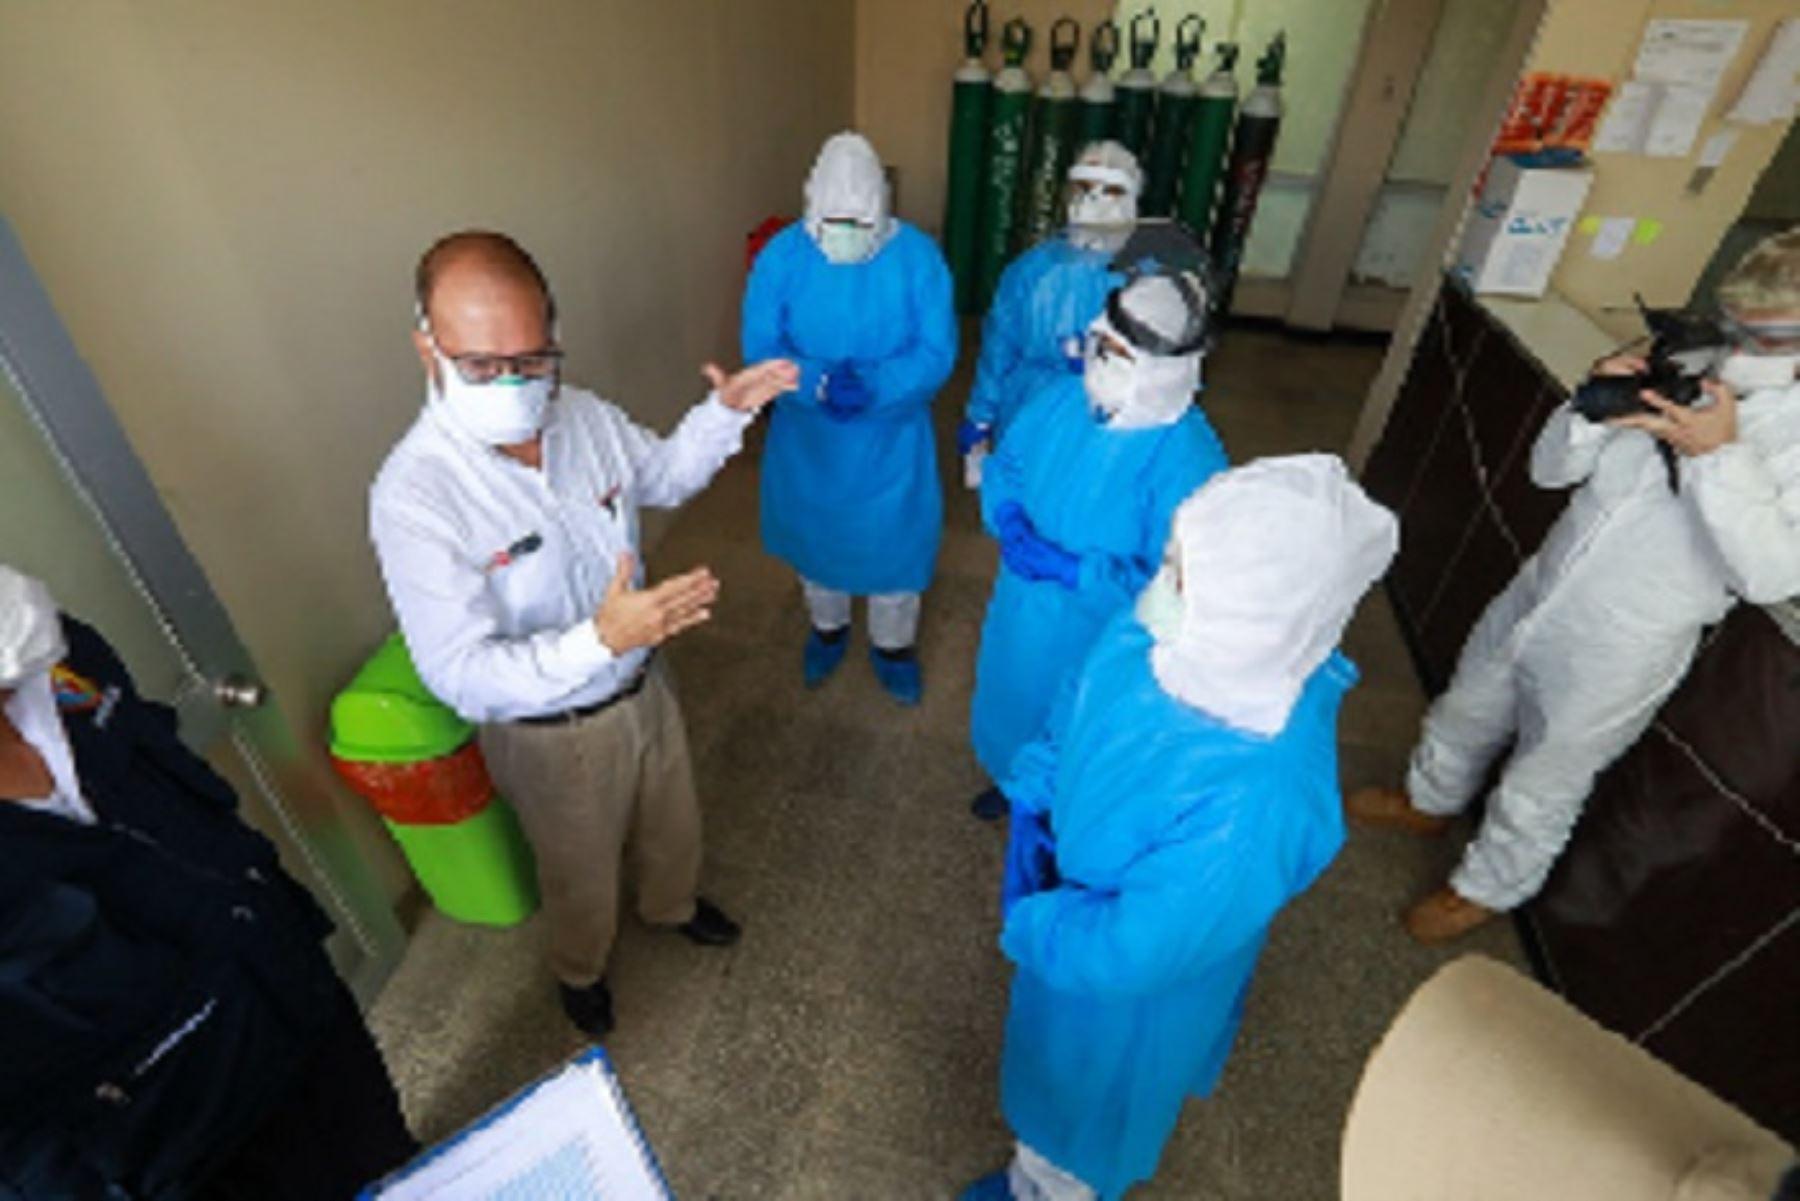 El ministro de Salud, Víctor Zamora, inspeccionó el hospital Eleazar Guzmán Barrón, donde dialogó con los directivos y personal de salud que atiende las áreas críticas.